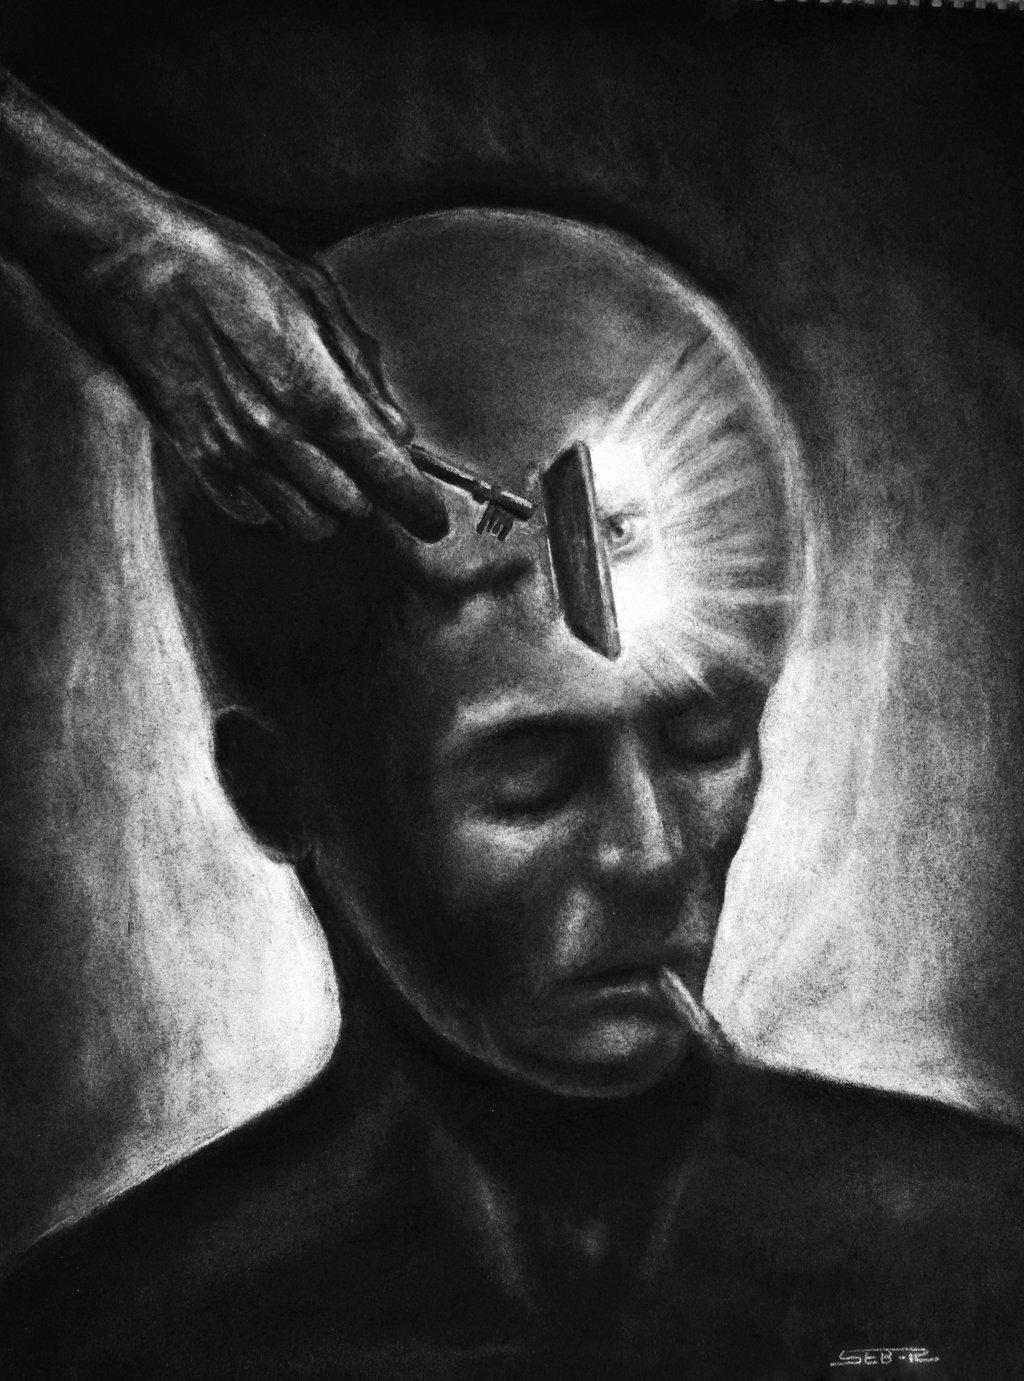 enlightenment_by_sebmaestro